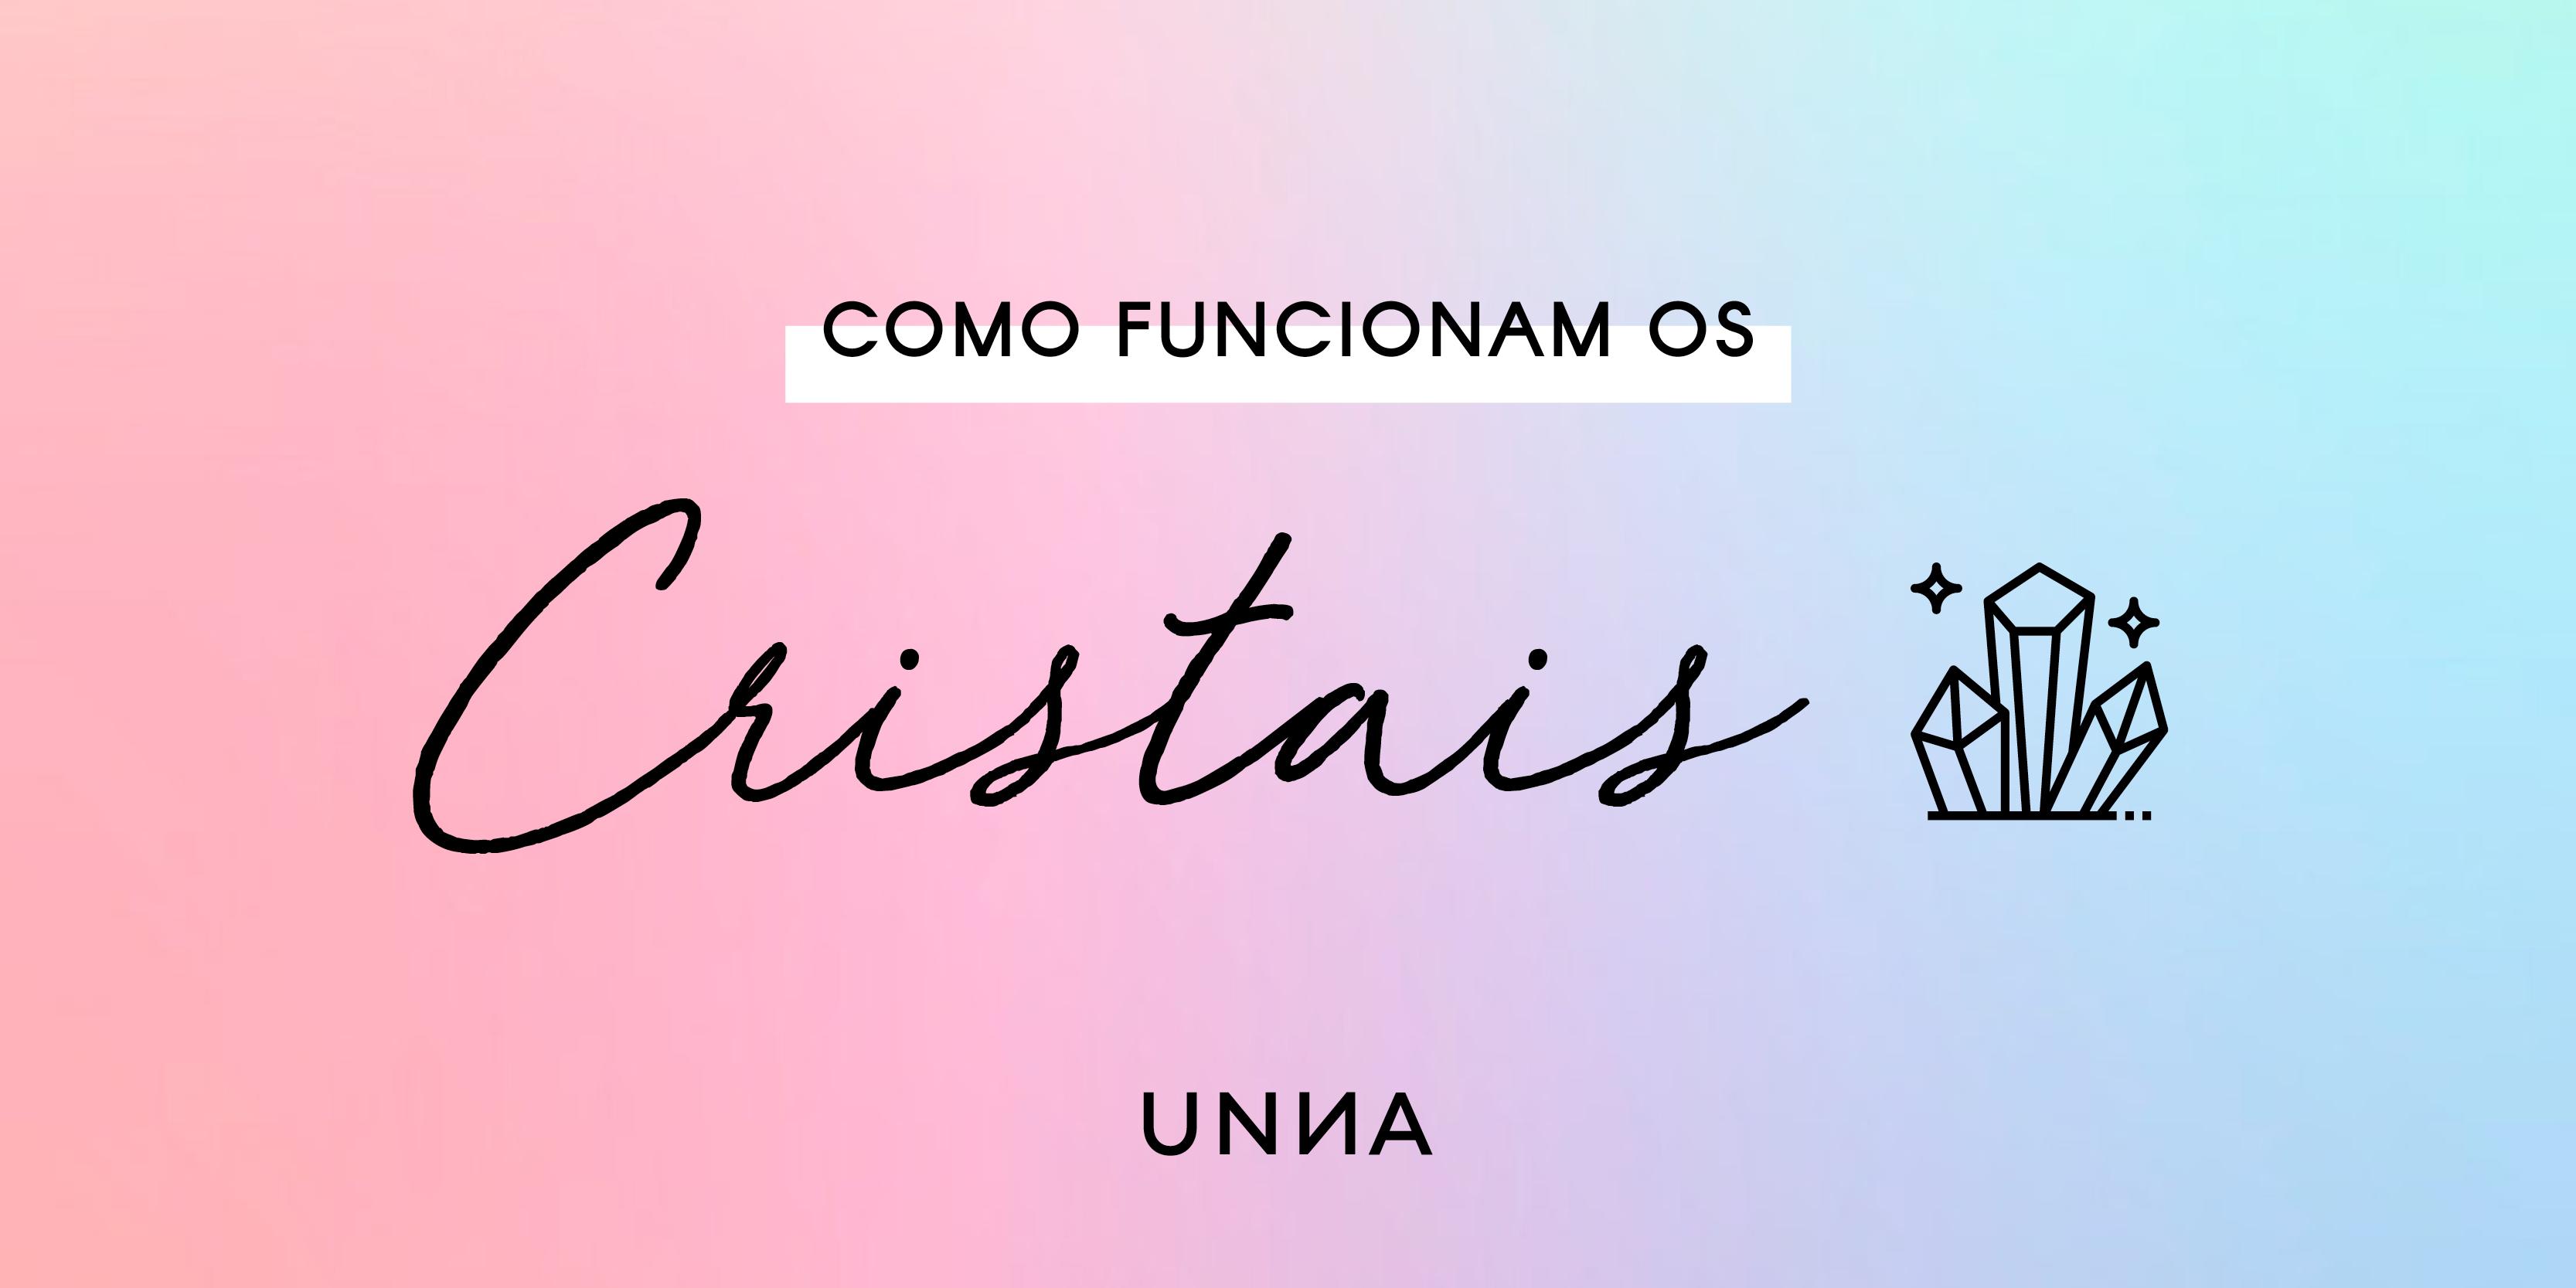 CRYSTALS✨ CRYSTALS✨ CRYSTALS